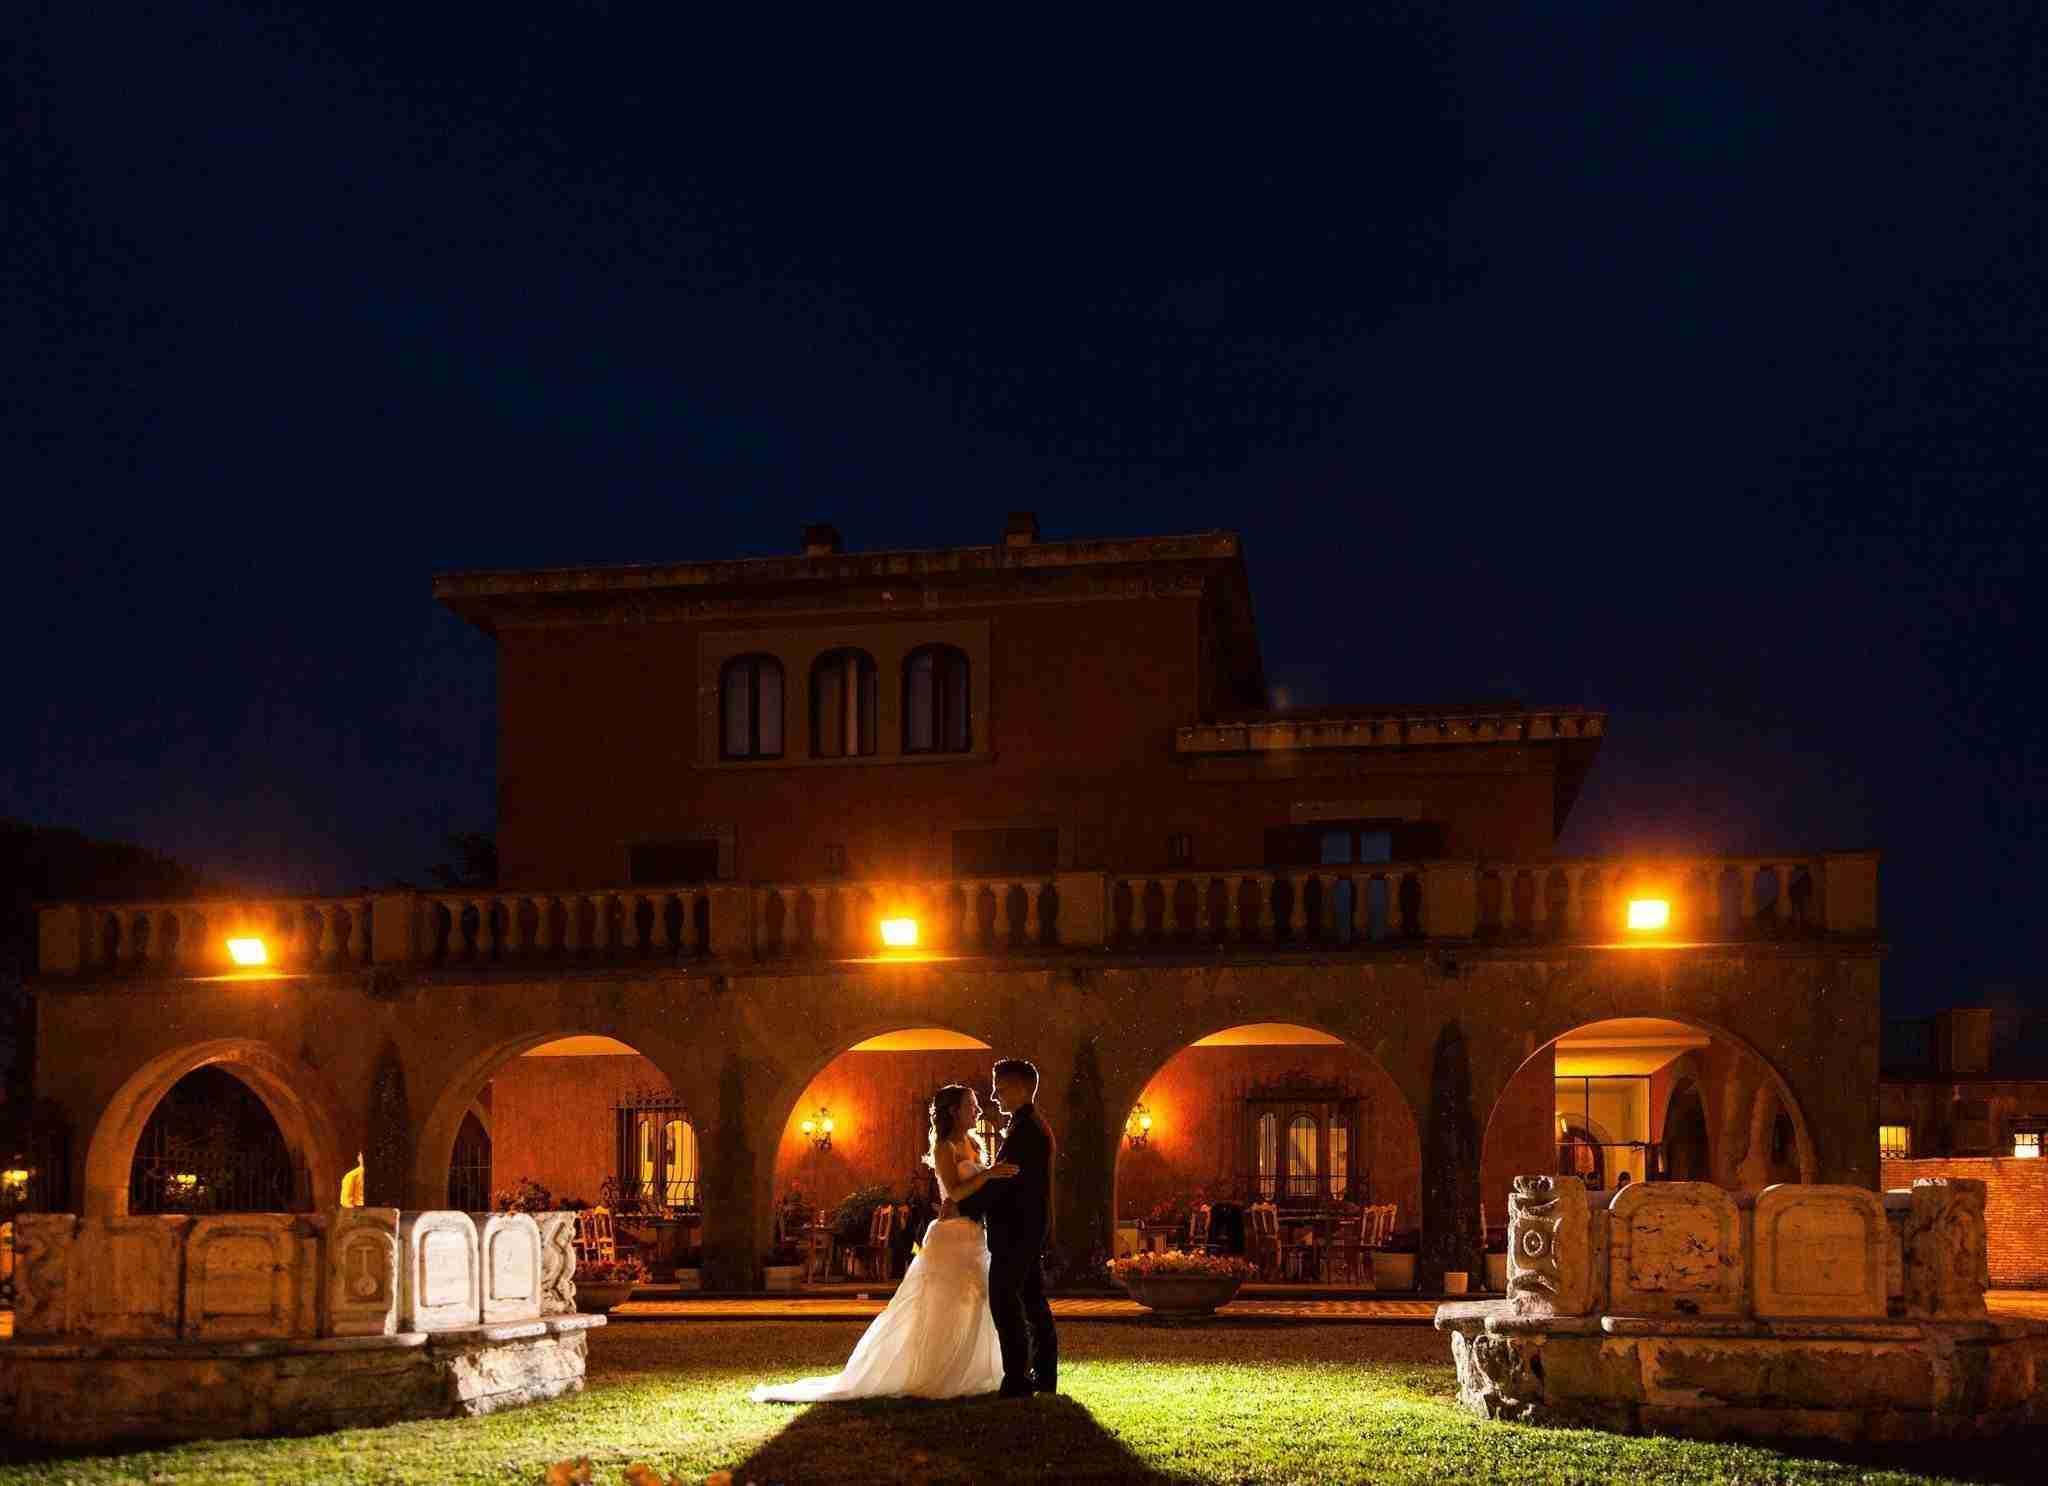 Villa per Matrimoni Monte D'Oro - Giardino in Notturno